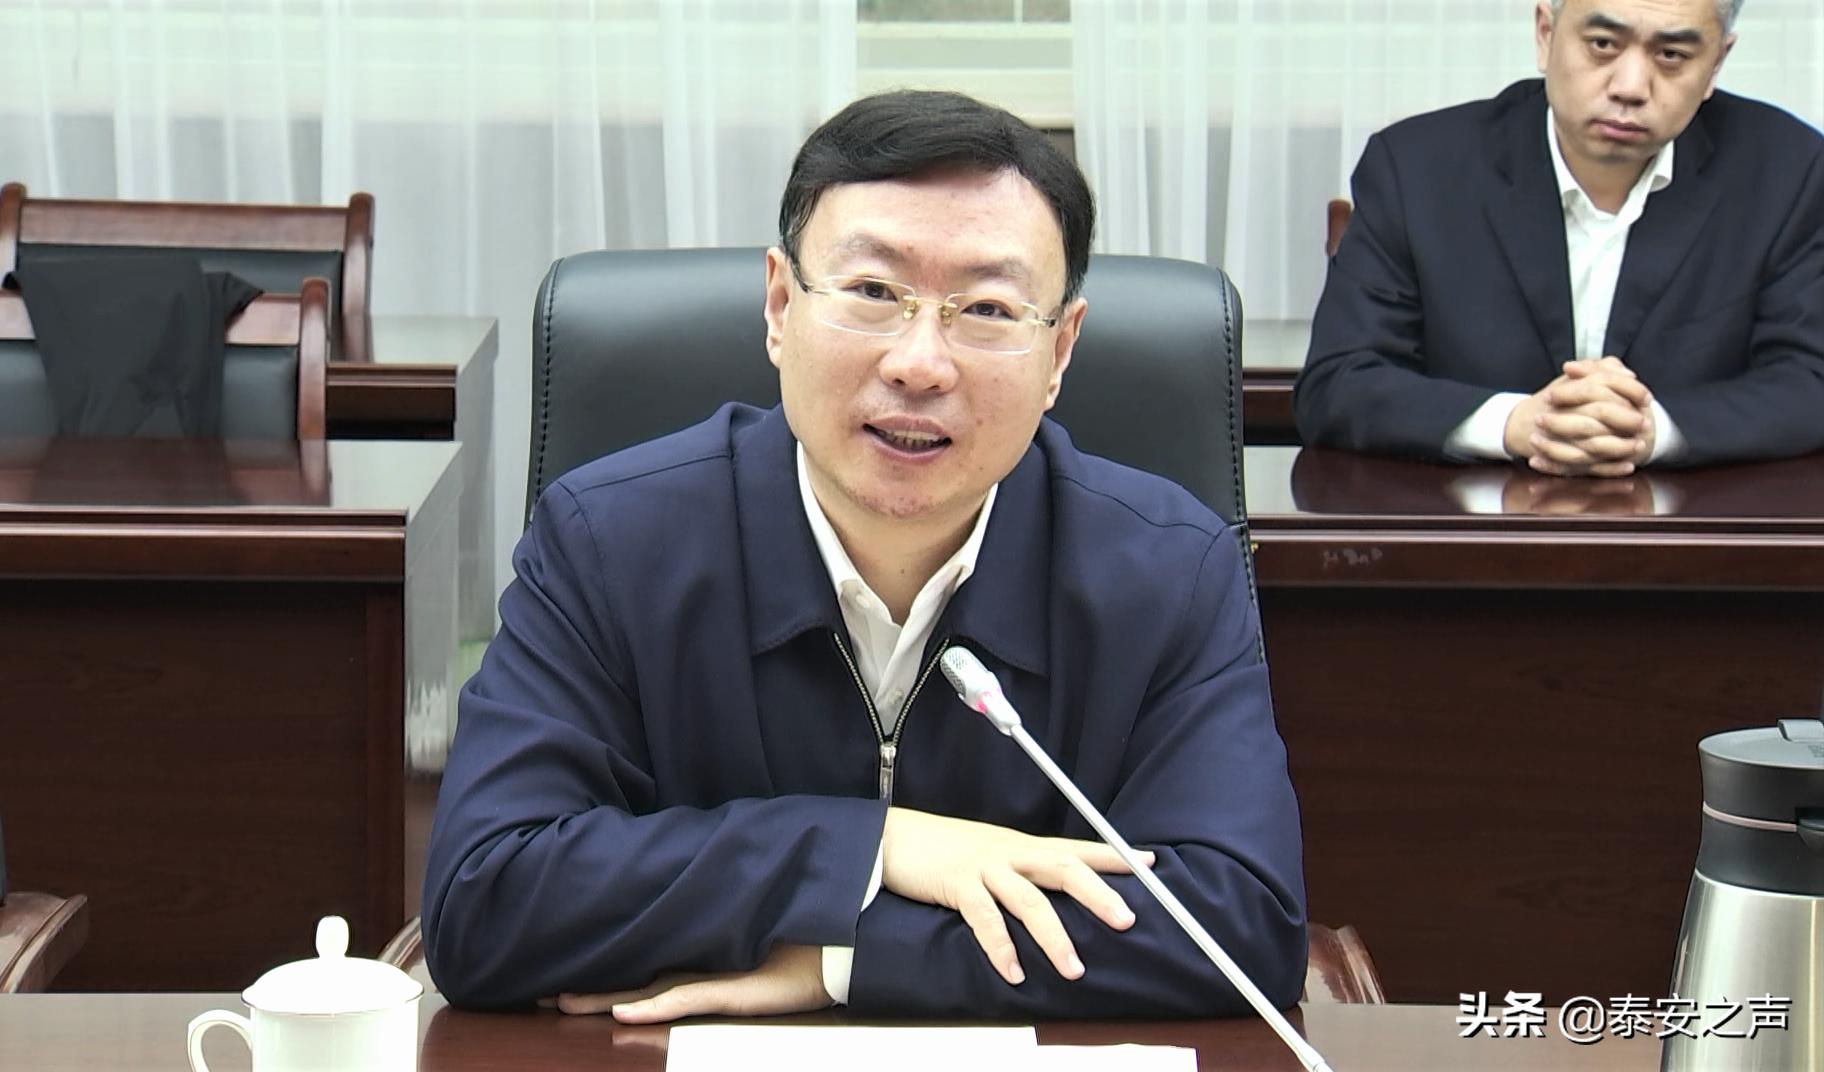 泰安与中国电力建设集团有限公司签订战略合作协议